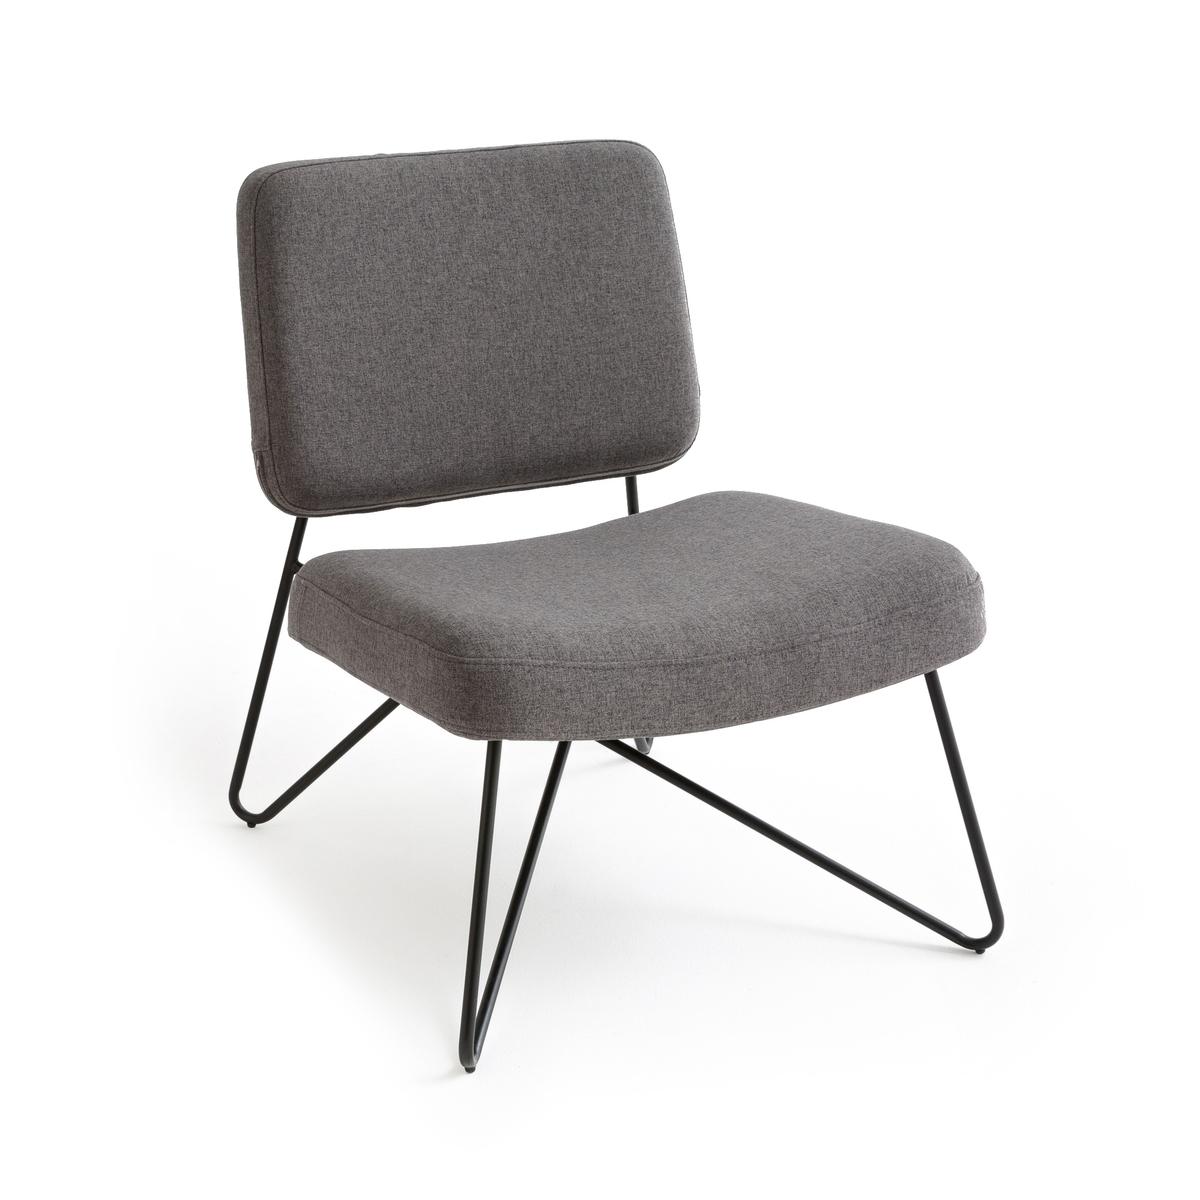 Кресло мягкое в винтажном стиле, WATFORD кресло низкое и широкое в винтажном стиле из велюра с бахромой ramona